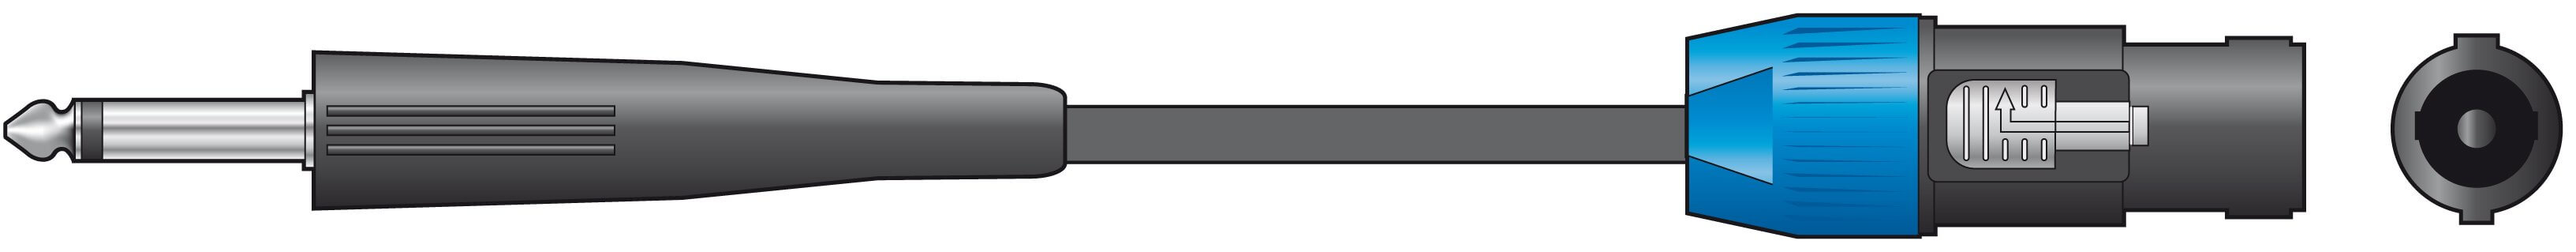 Chord Speaker Lead Speakon - Jack Cable 6M